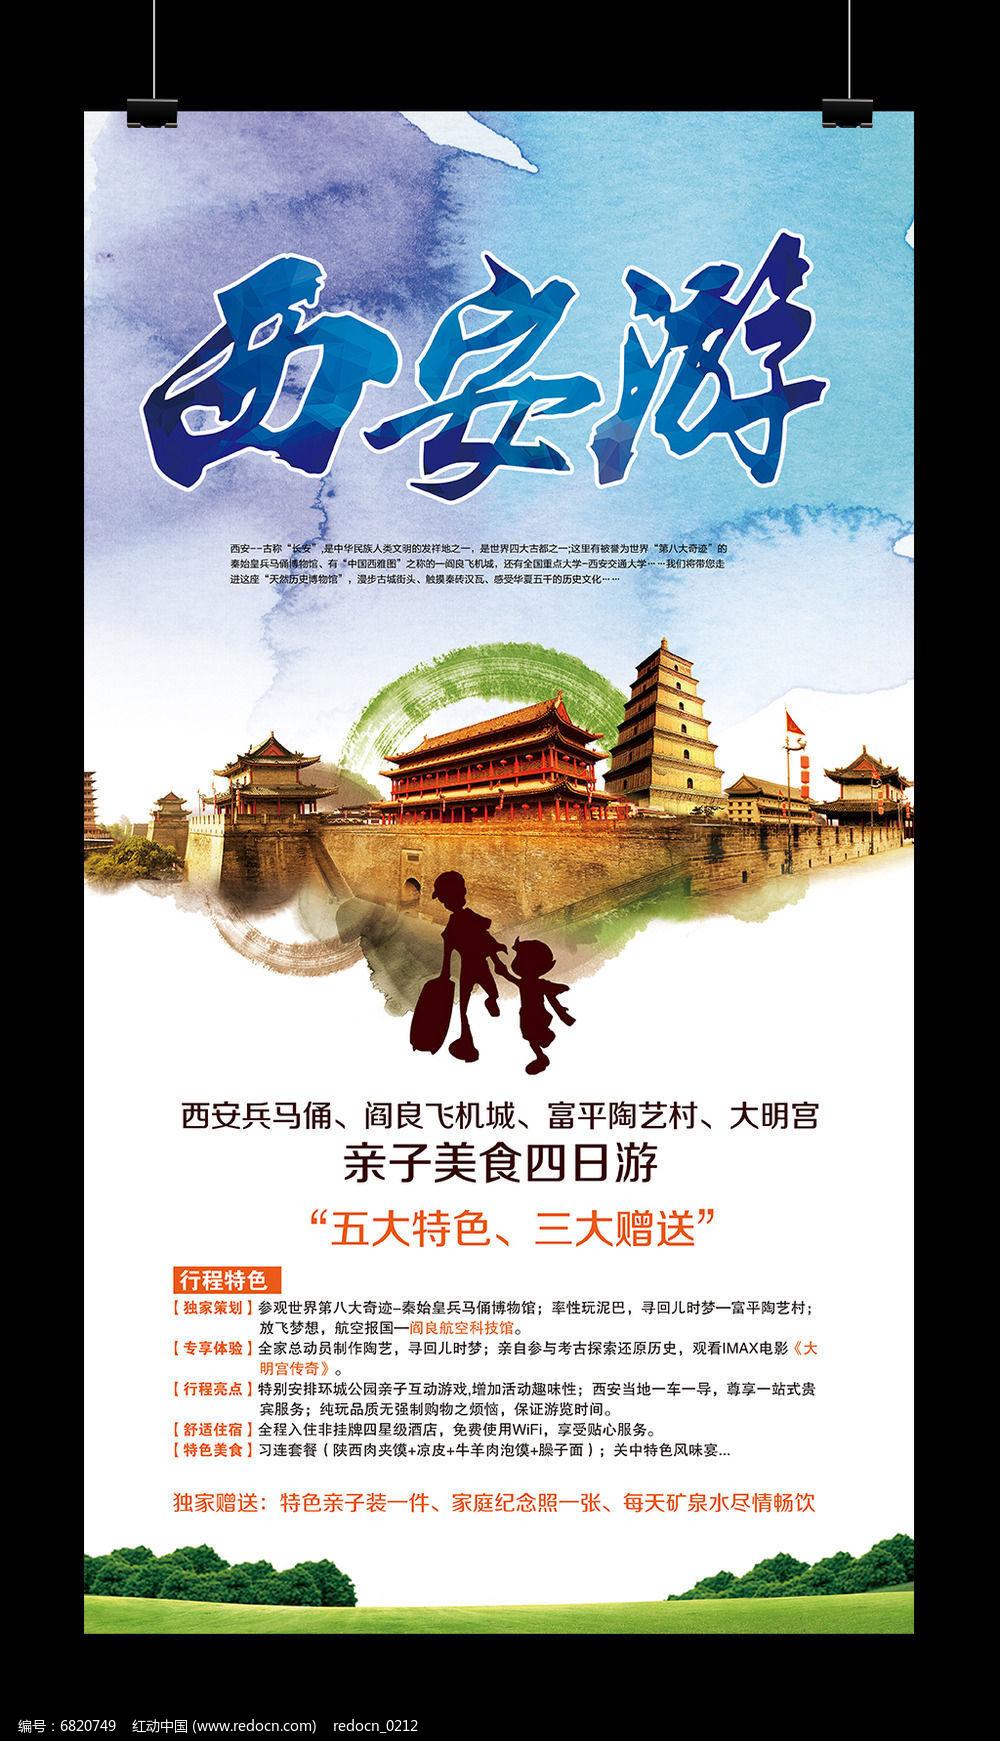 旅行社陕西西安文化旅游海报